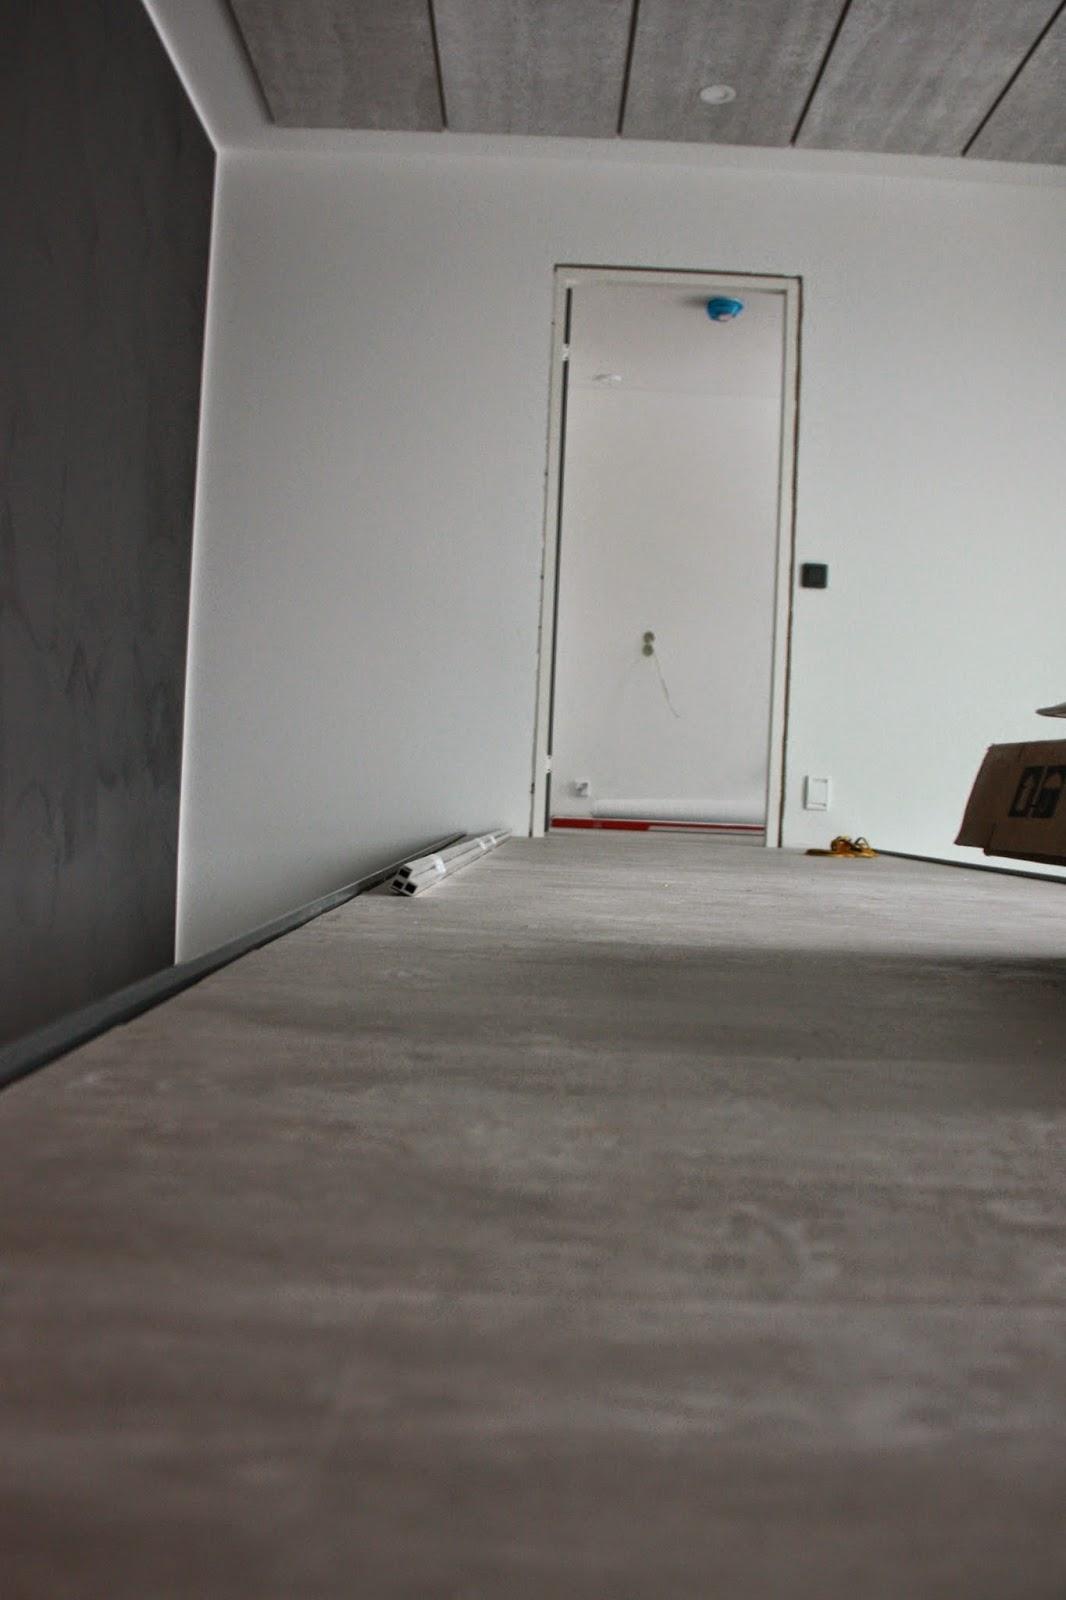 Konto akustiikkalevyt katossa sopivat white grey oak lankkulaminaattiin.